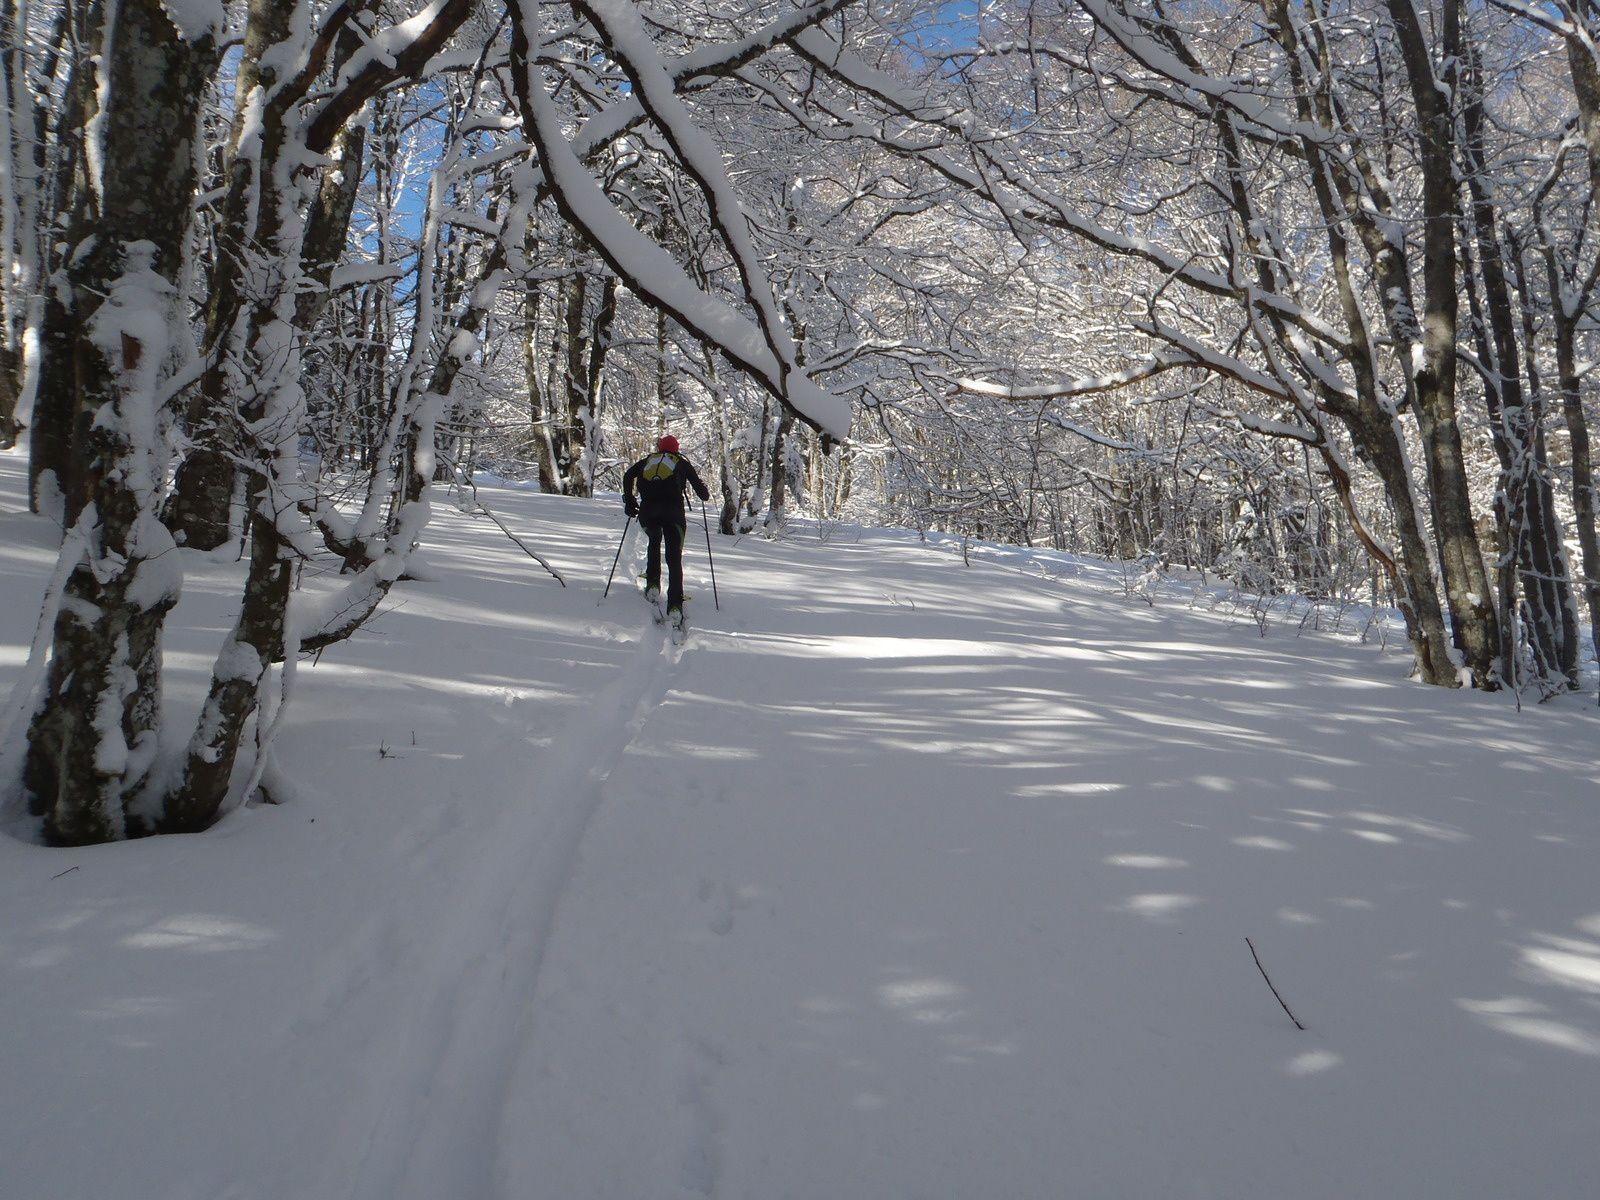 2014: Neige et soleil, ce n'est pas trop tôt!